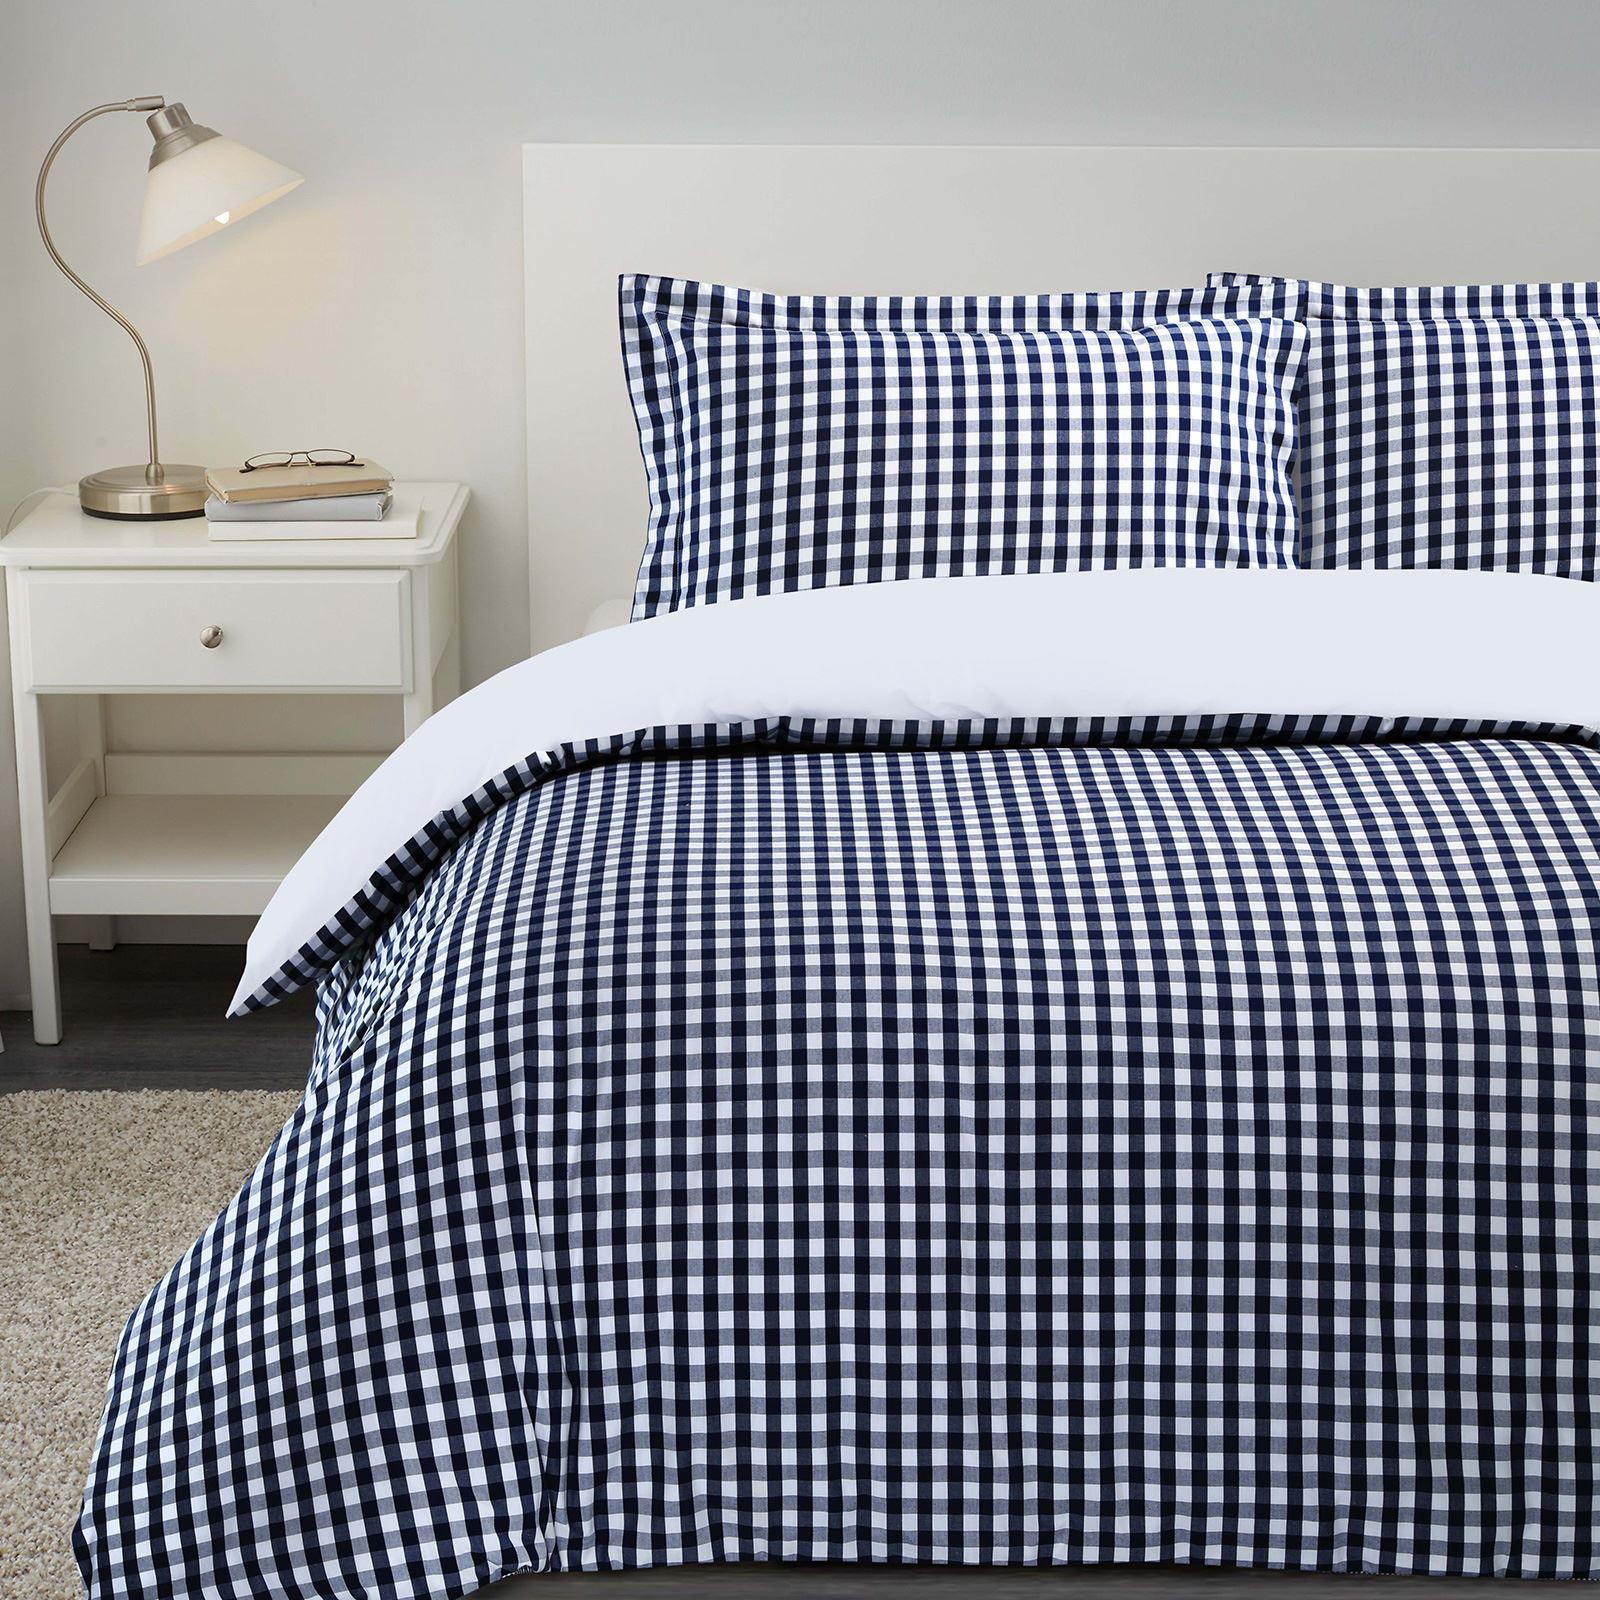 De-Lujo-Gingham-Check-Reversible-100-algodon-T200-conjunto-de-edredon-cubierta-y-fundas-de-almohada miniatura 9